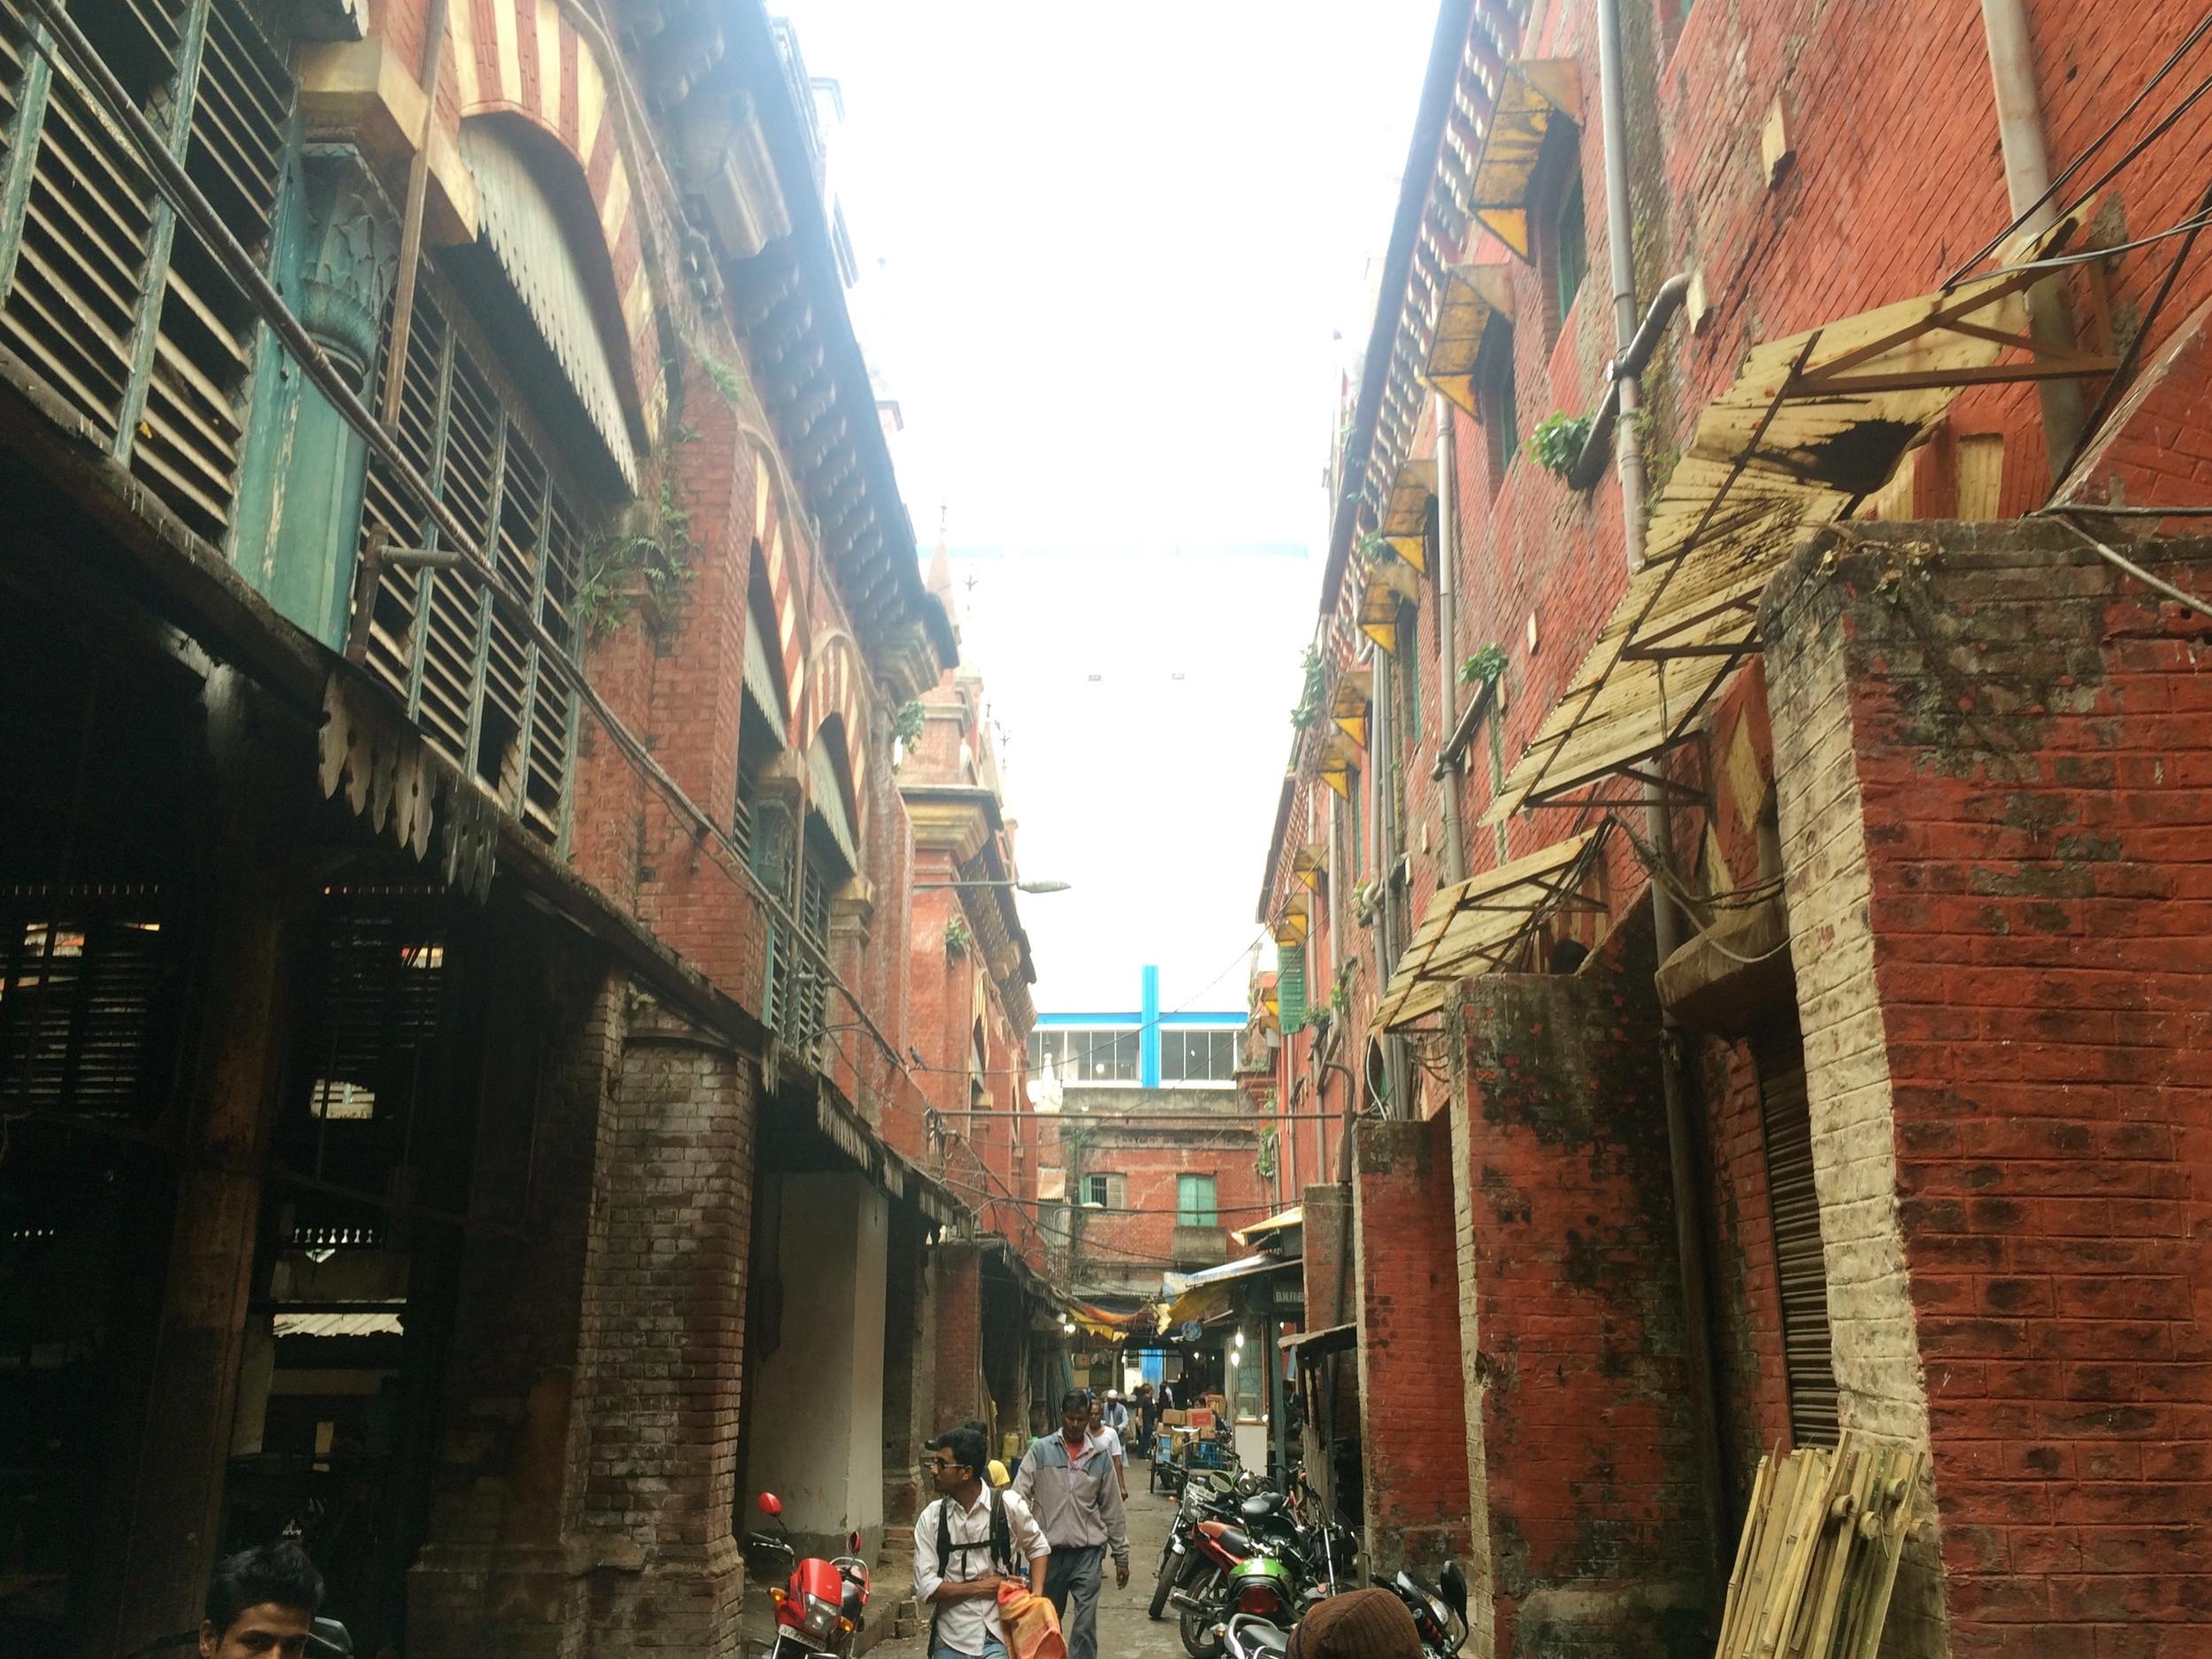 Inside Vardhaan Market